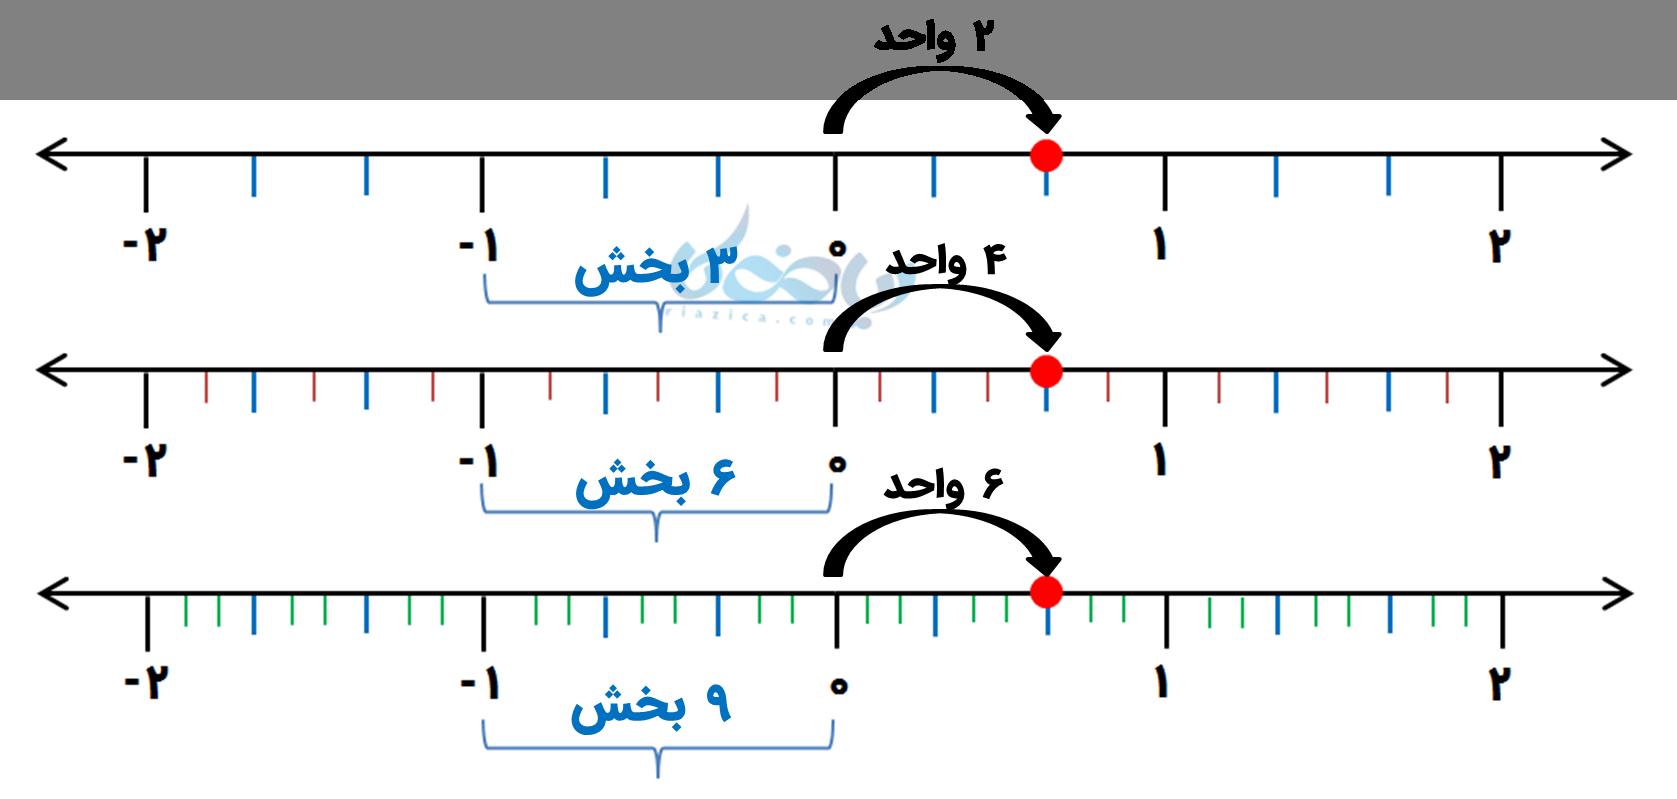 نمایش تساوی دو عدد گویا روی محور